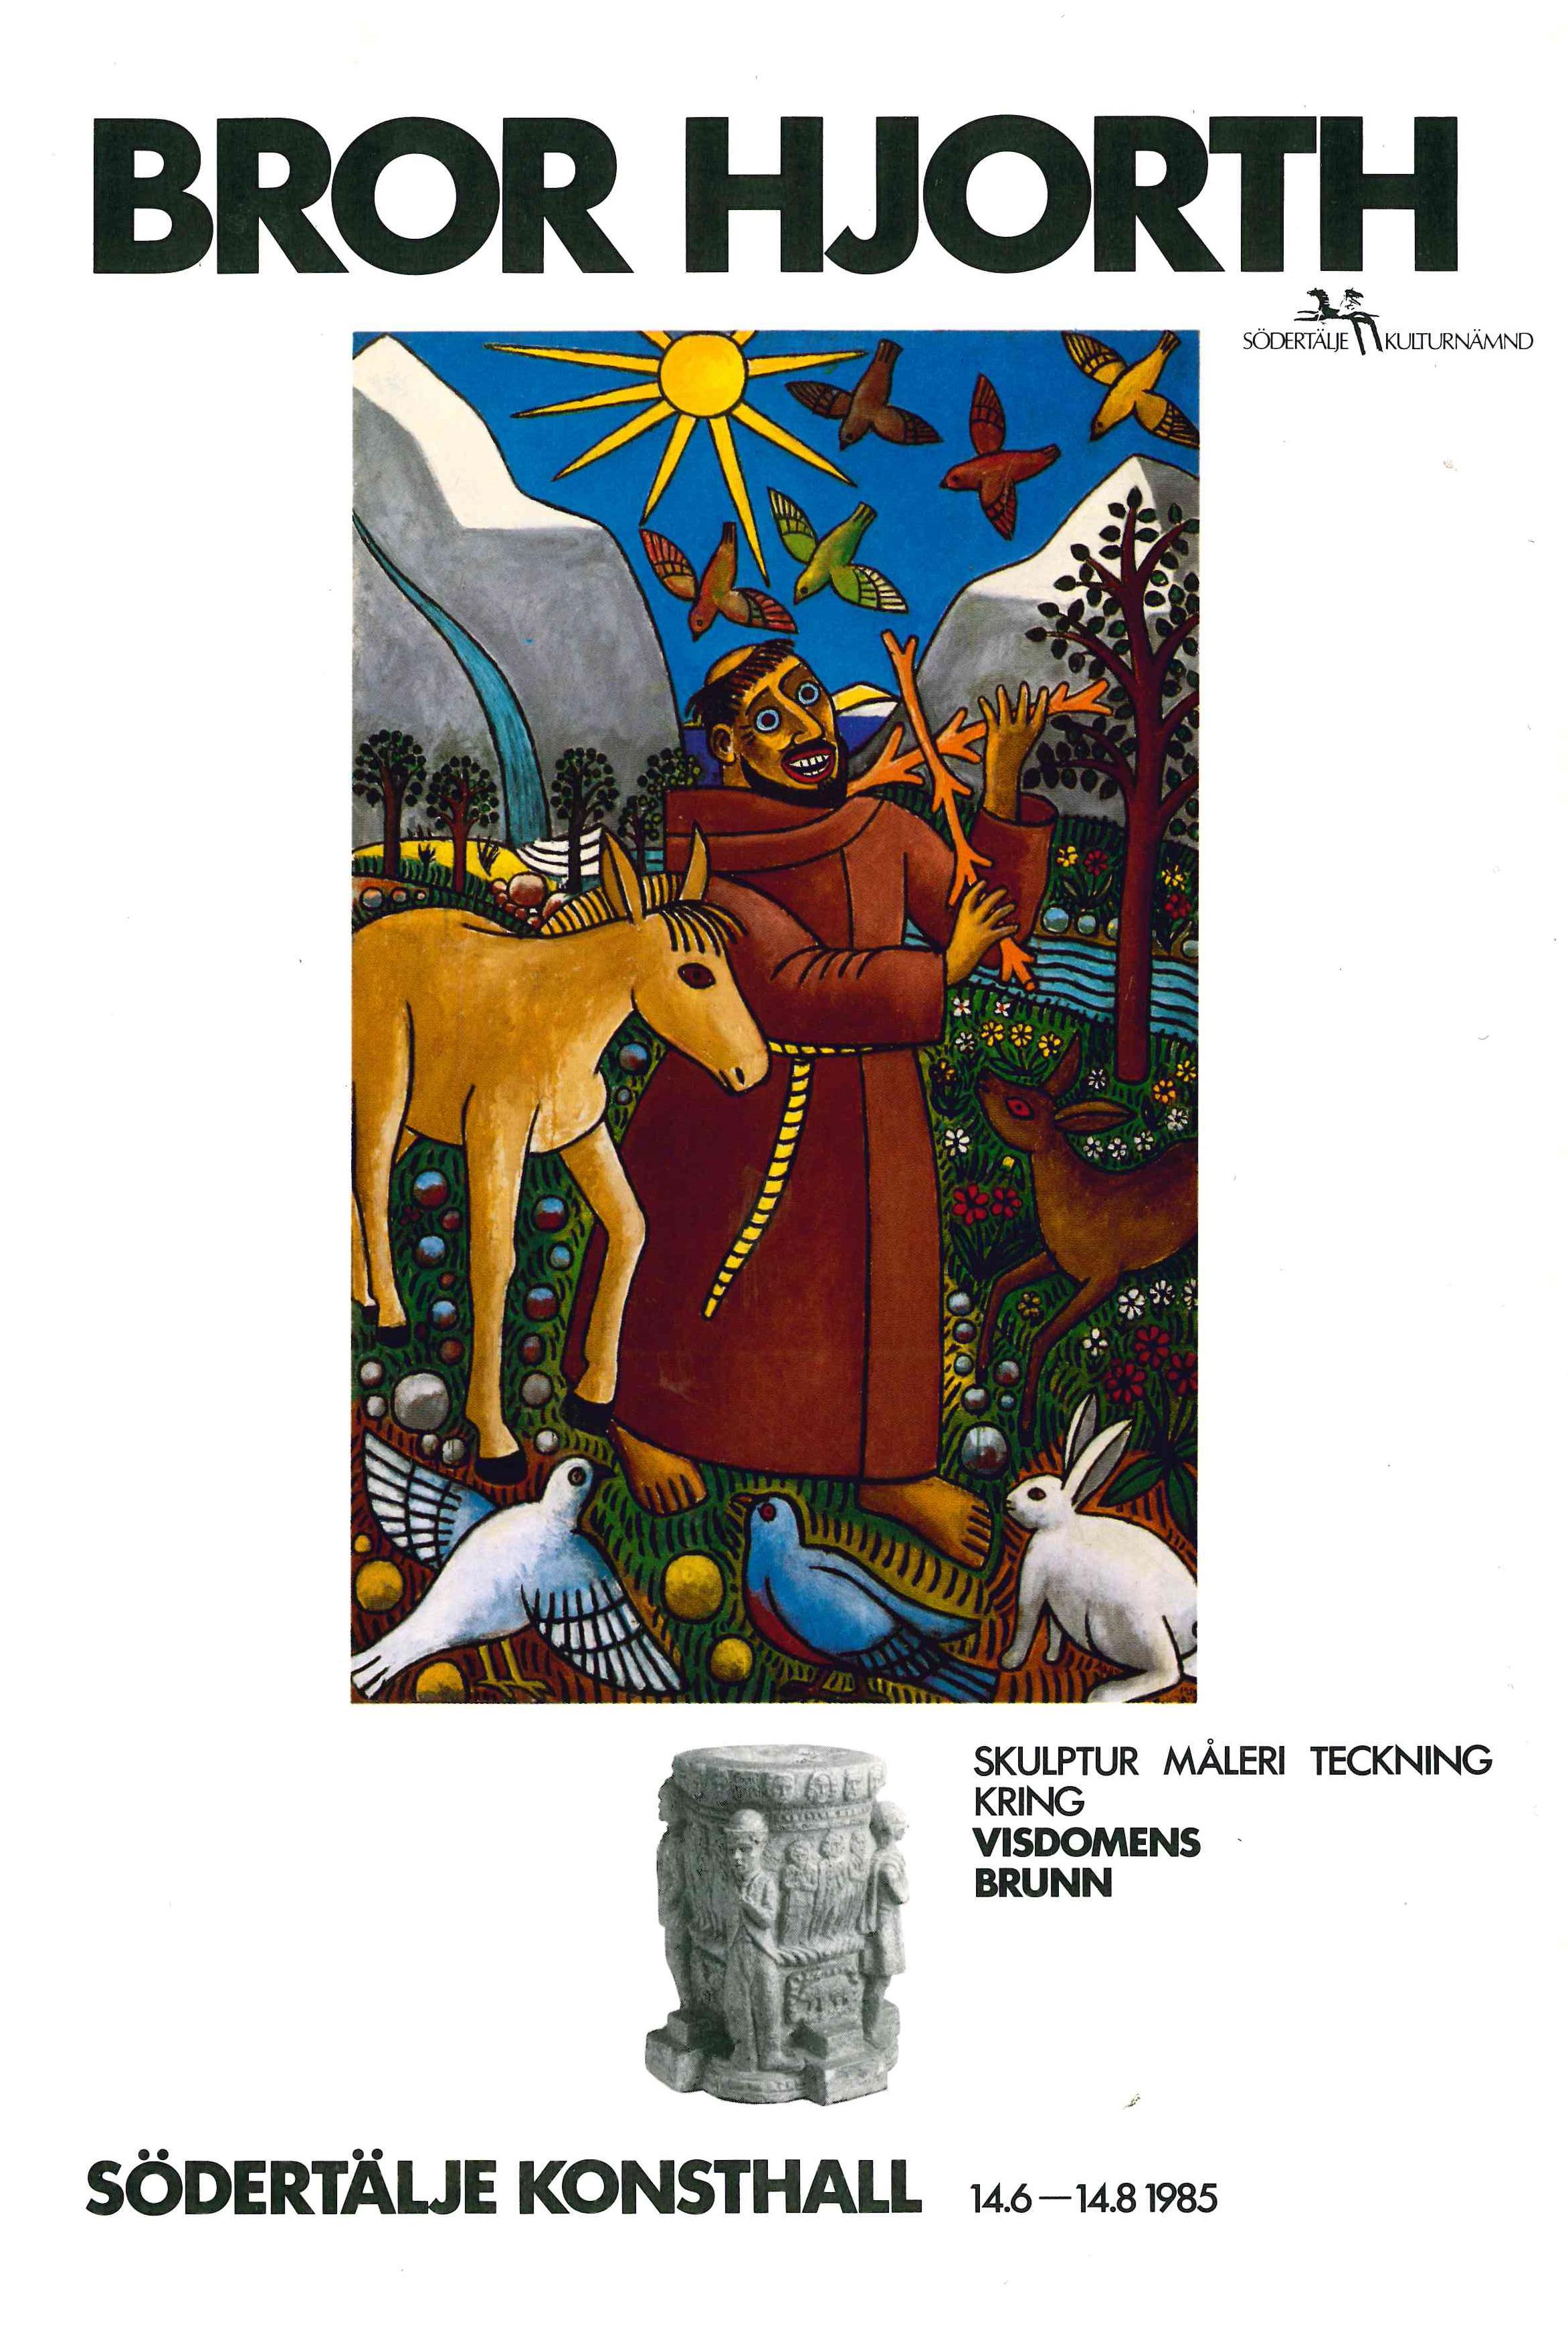 Bild på omslag till katalog